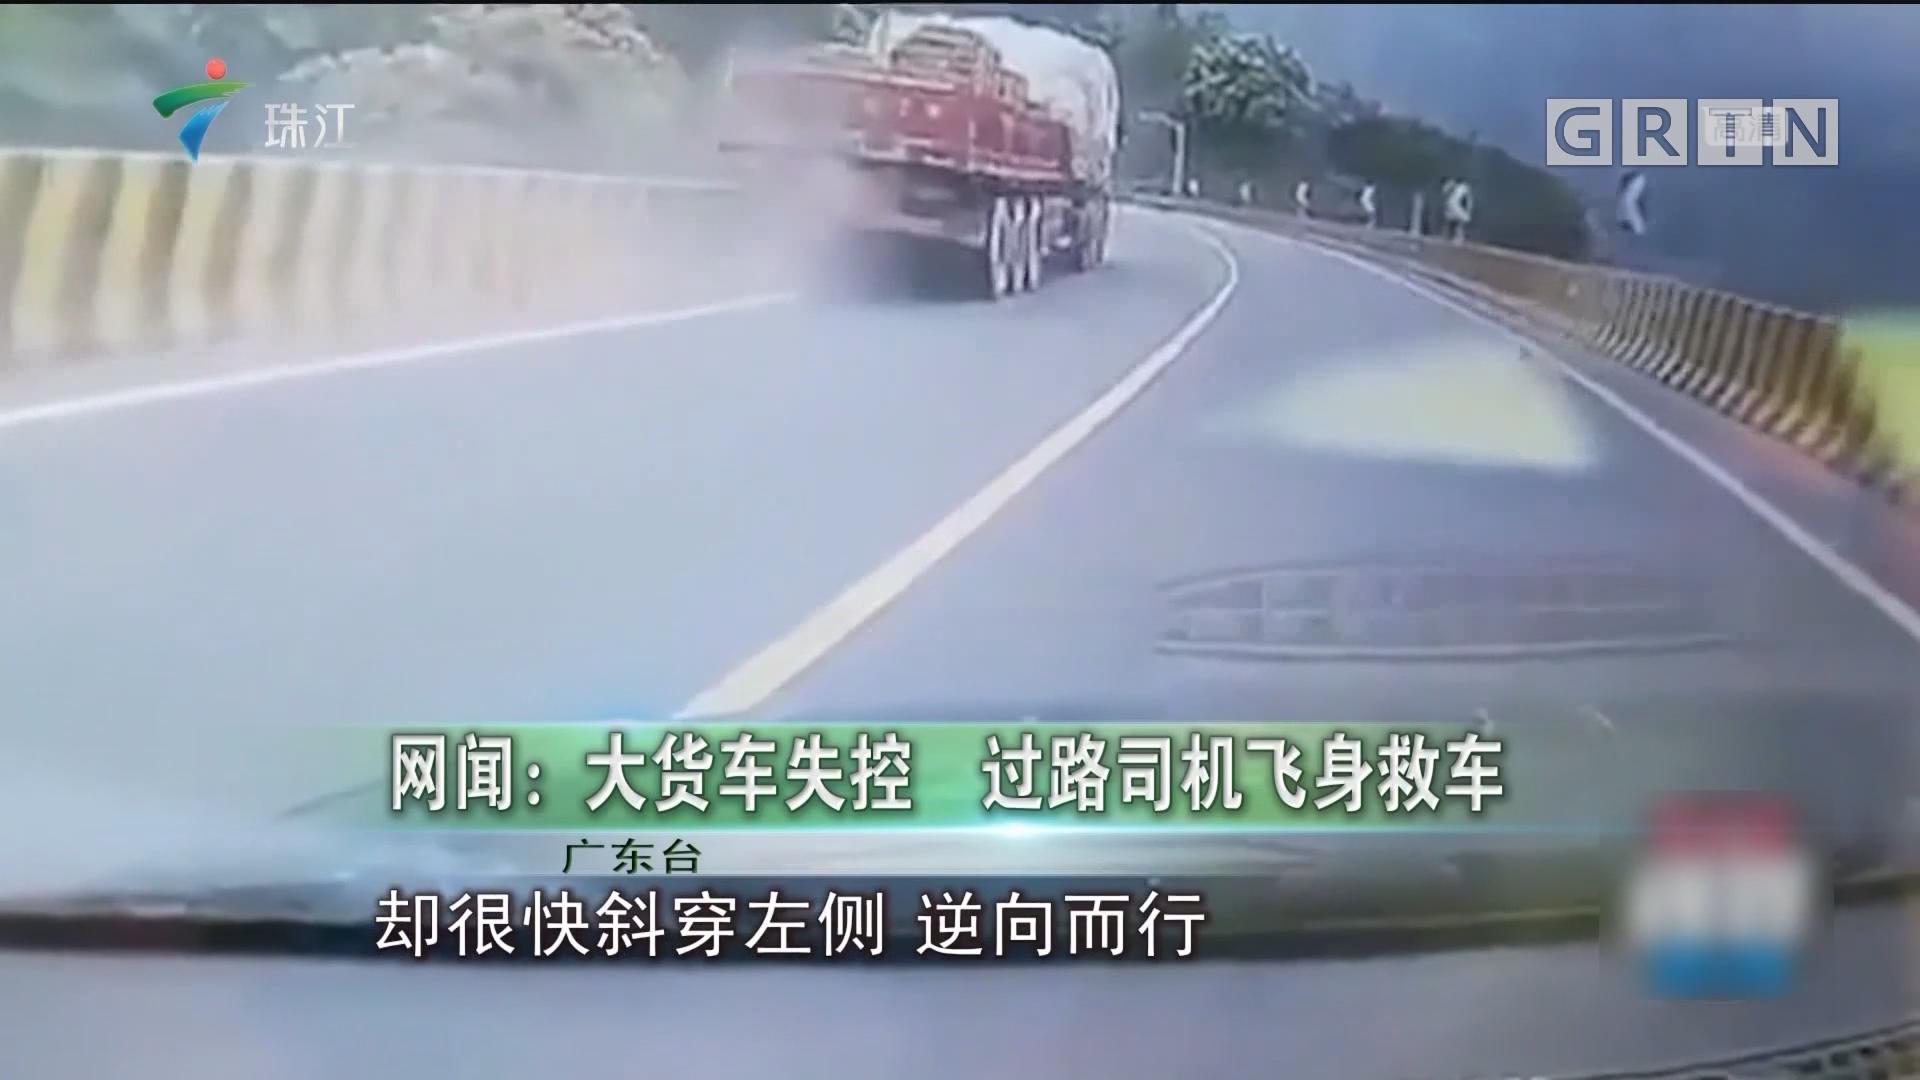 网闻:大货车失控 过路司机飞身救车